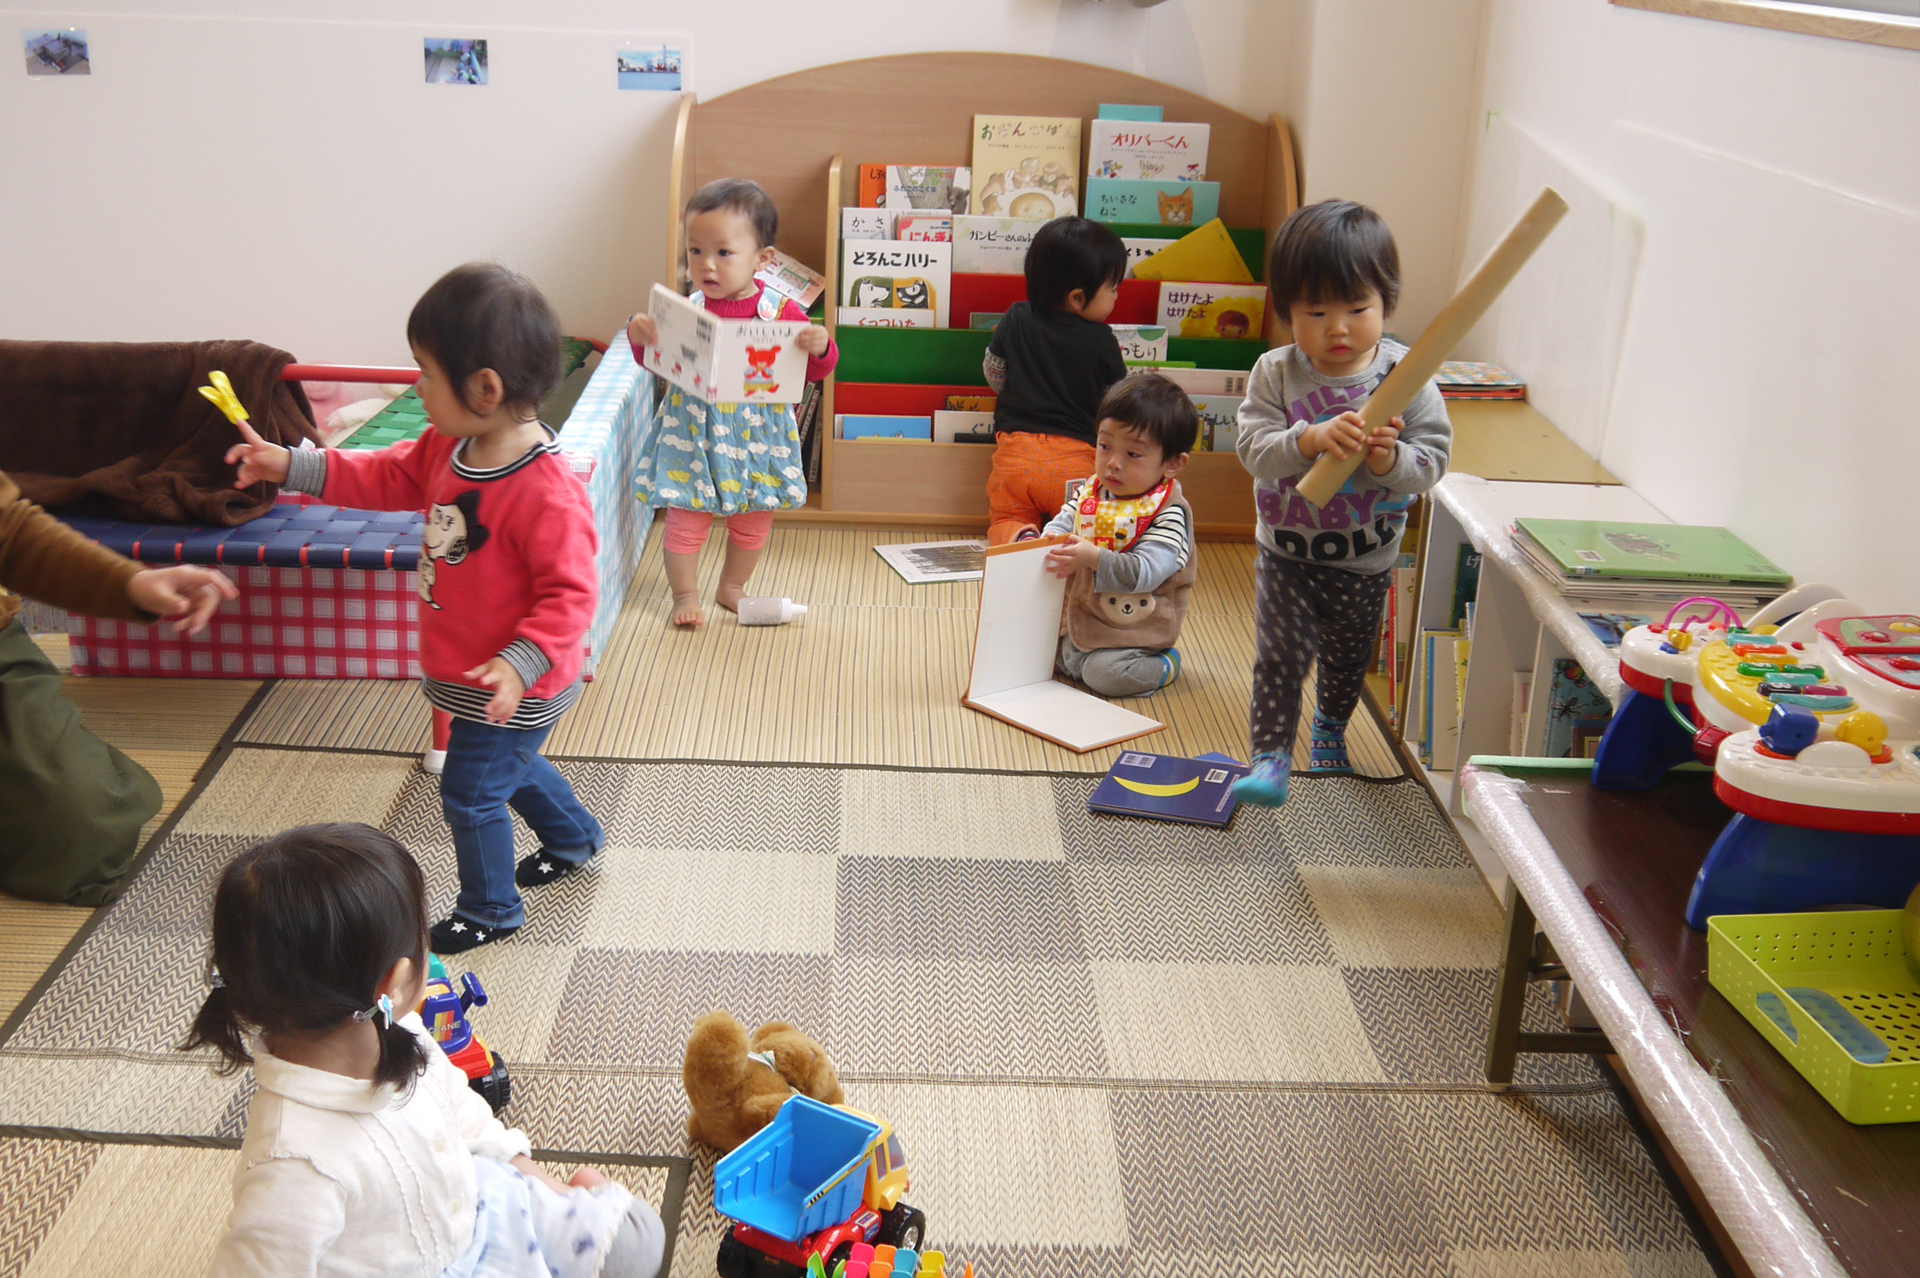 城南子育て支援センター